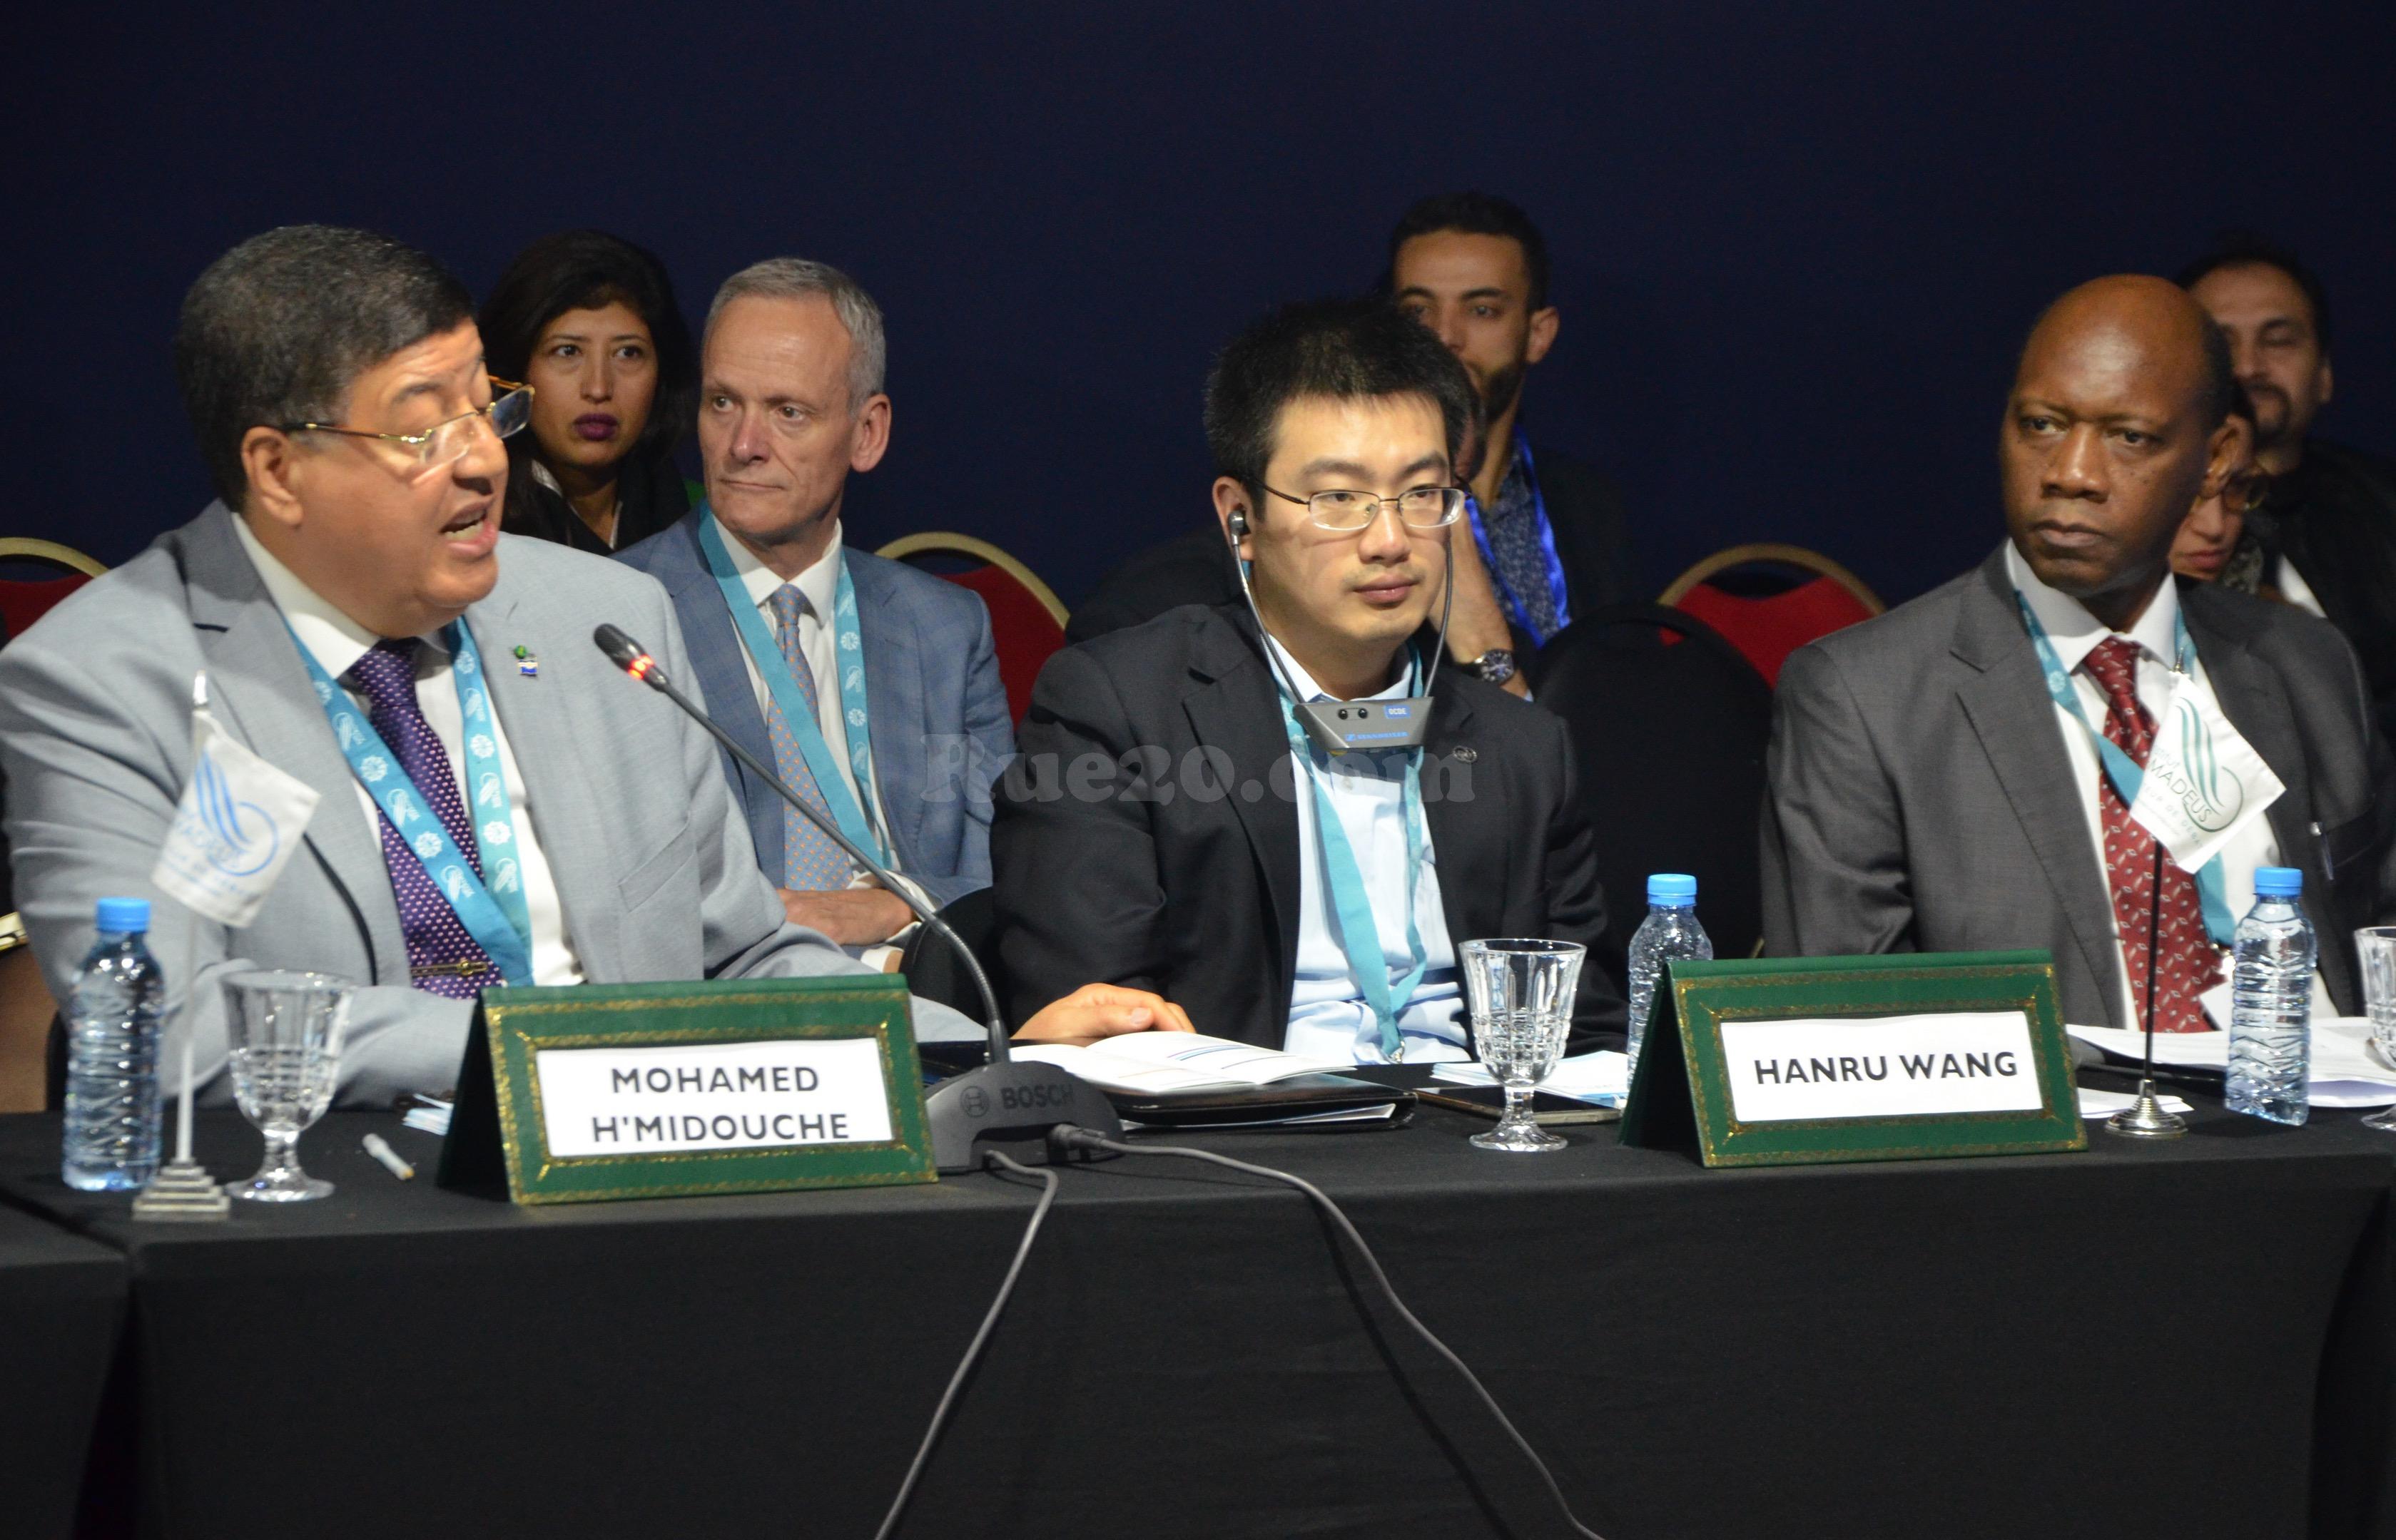 خبراء أفارقة وصينيين يدعون الى تطوير الكفاءات موازاةً مع تدفق الإستثمارات نحو إفريقيا لشراكة 'رابح-رابح'